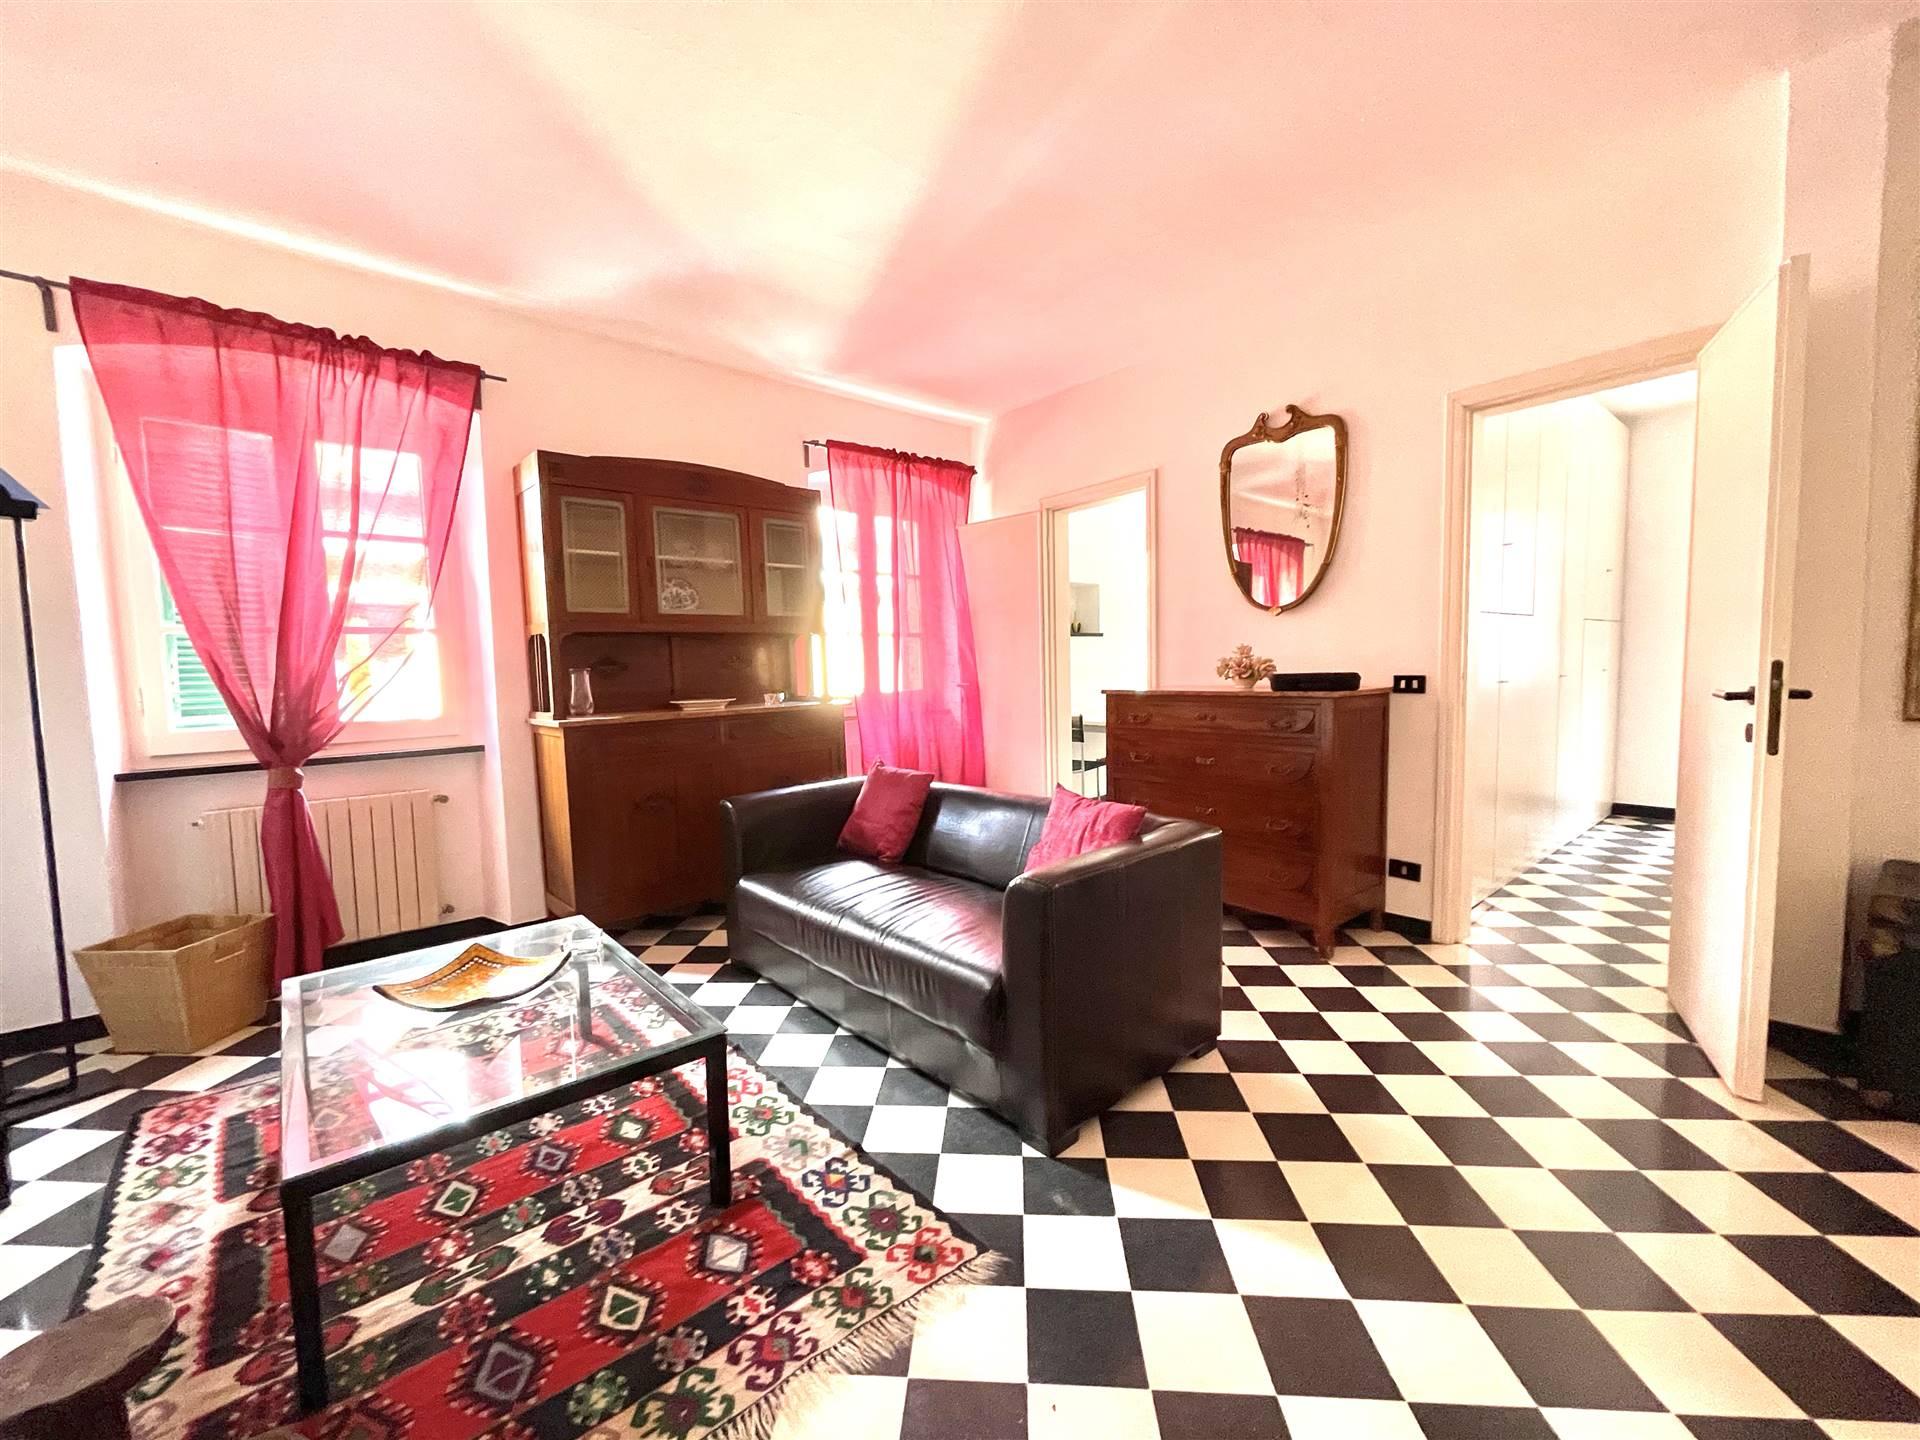 Appartamento in affitto a Sarzana, 3 locali, zona Località: CENTRO STORICO, prezzo € 560   PortaleAgenzieImmobiliari.it